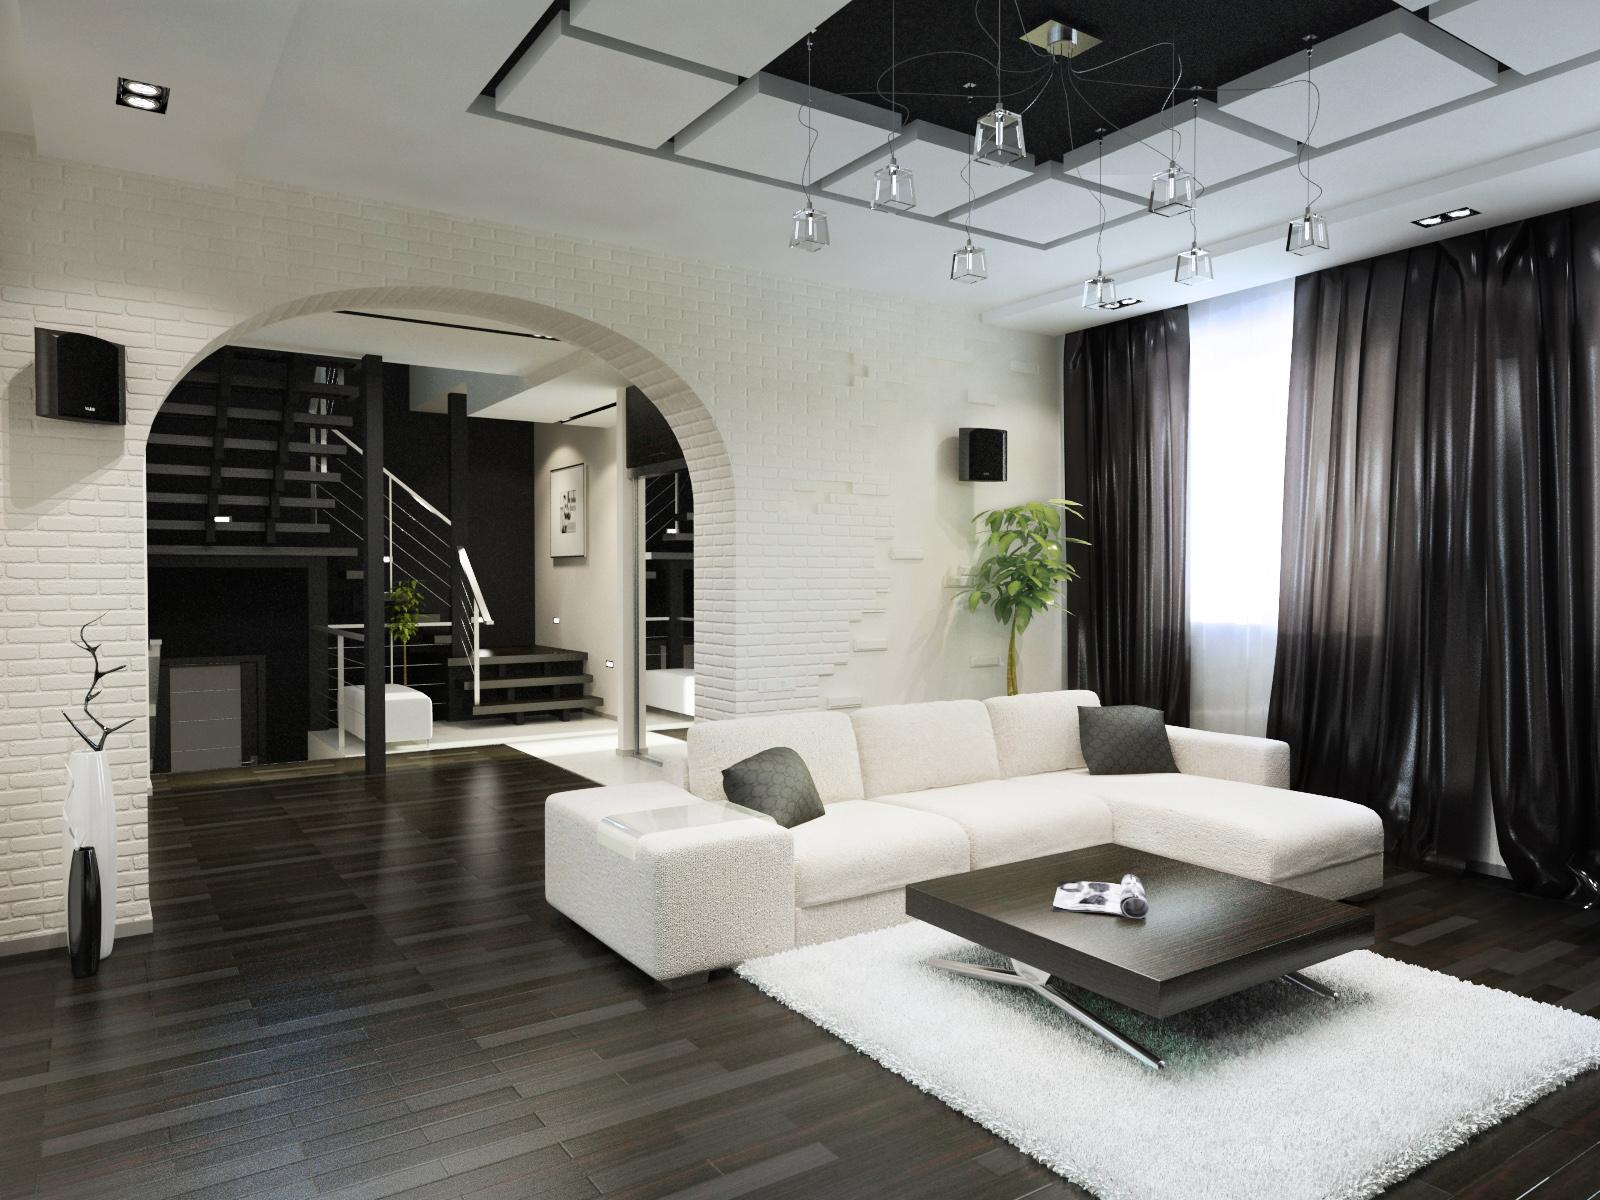 Дизайн интерьера жилой квартиры